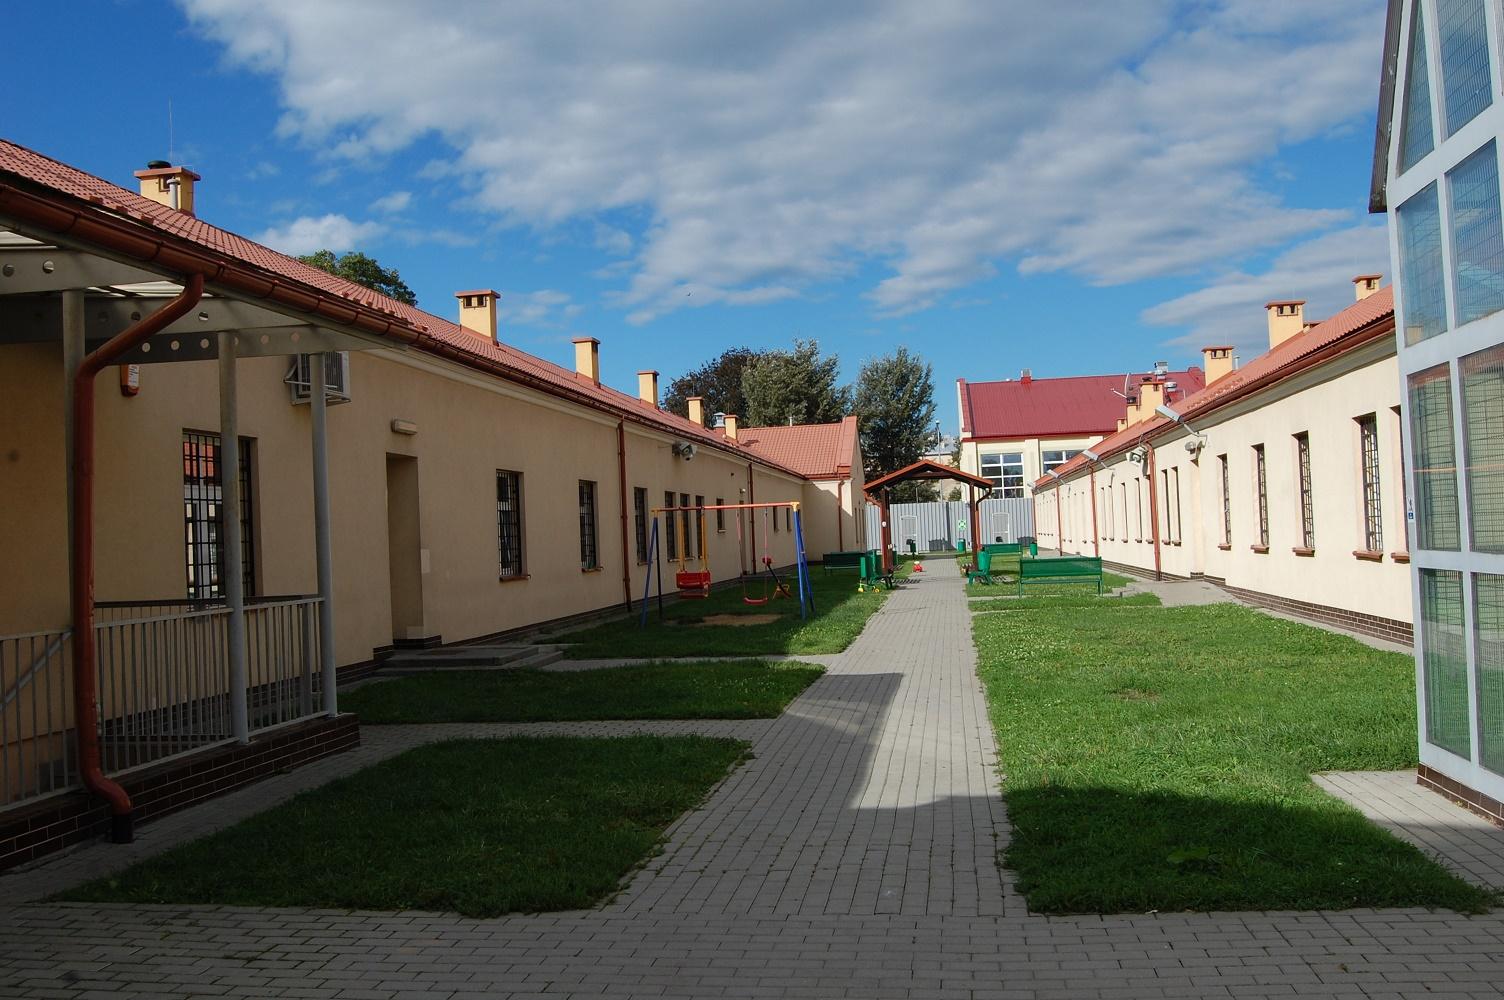 Przemysl guarded centre (Border Guard, Wizytowali Strzeżony Ośrodek dla Cudzoziemców w Przemyślu, http://www.bieszczadzki.strazgraniczna.pl/bie/aktualnosci/23976,Wizytowali-Strzezony-Osrodek-dla-Cudzoziemcow-w-Przemyslu.html)